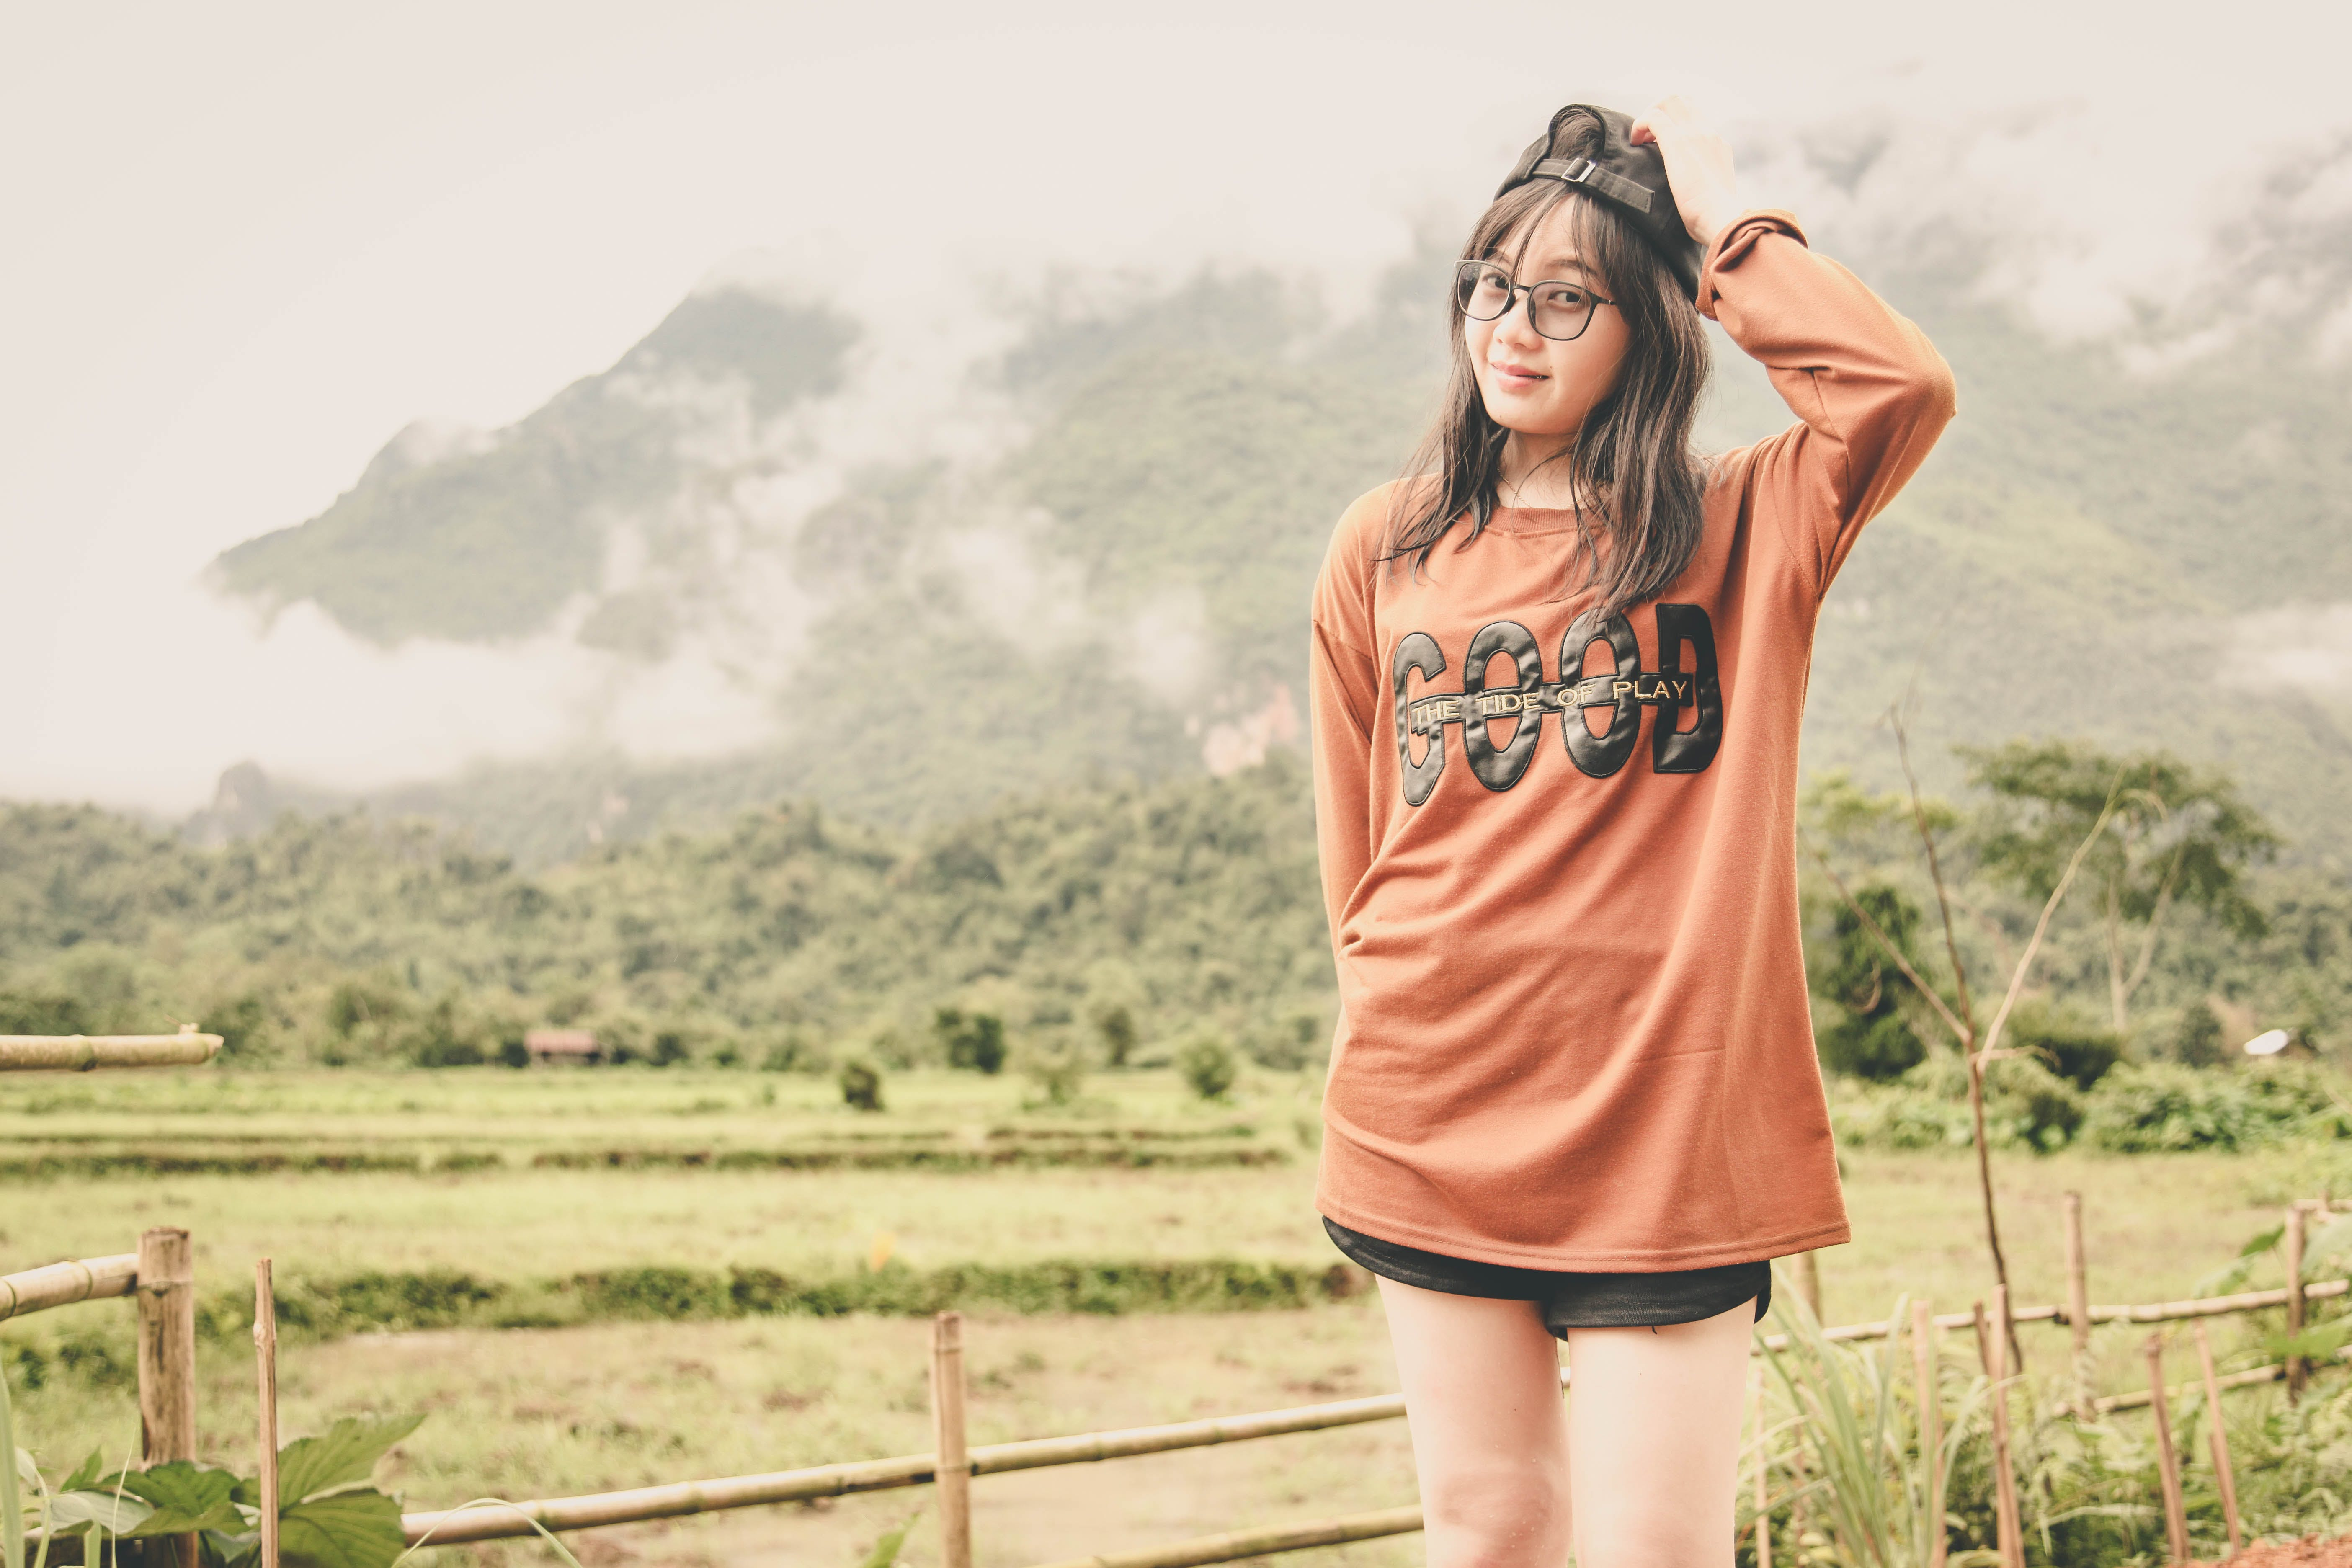 Woman Wearing Orange Long-sleeved Shirt